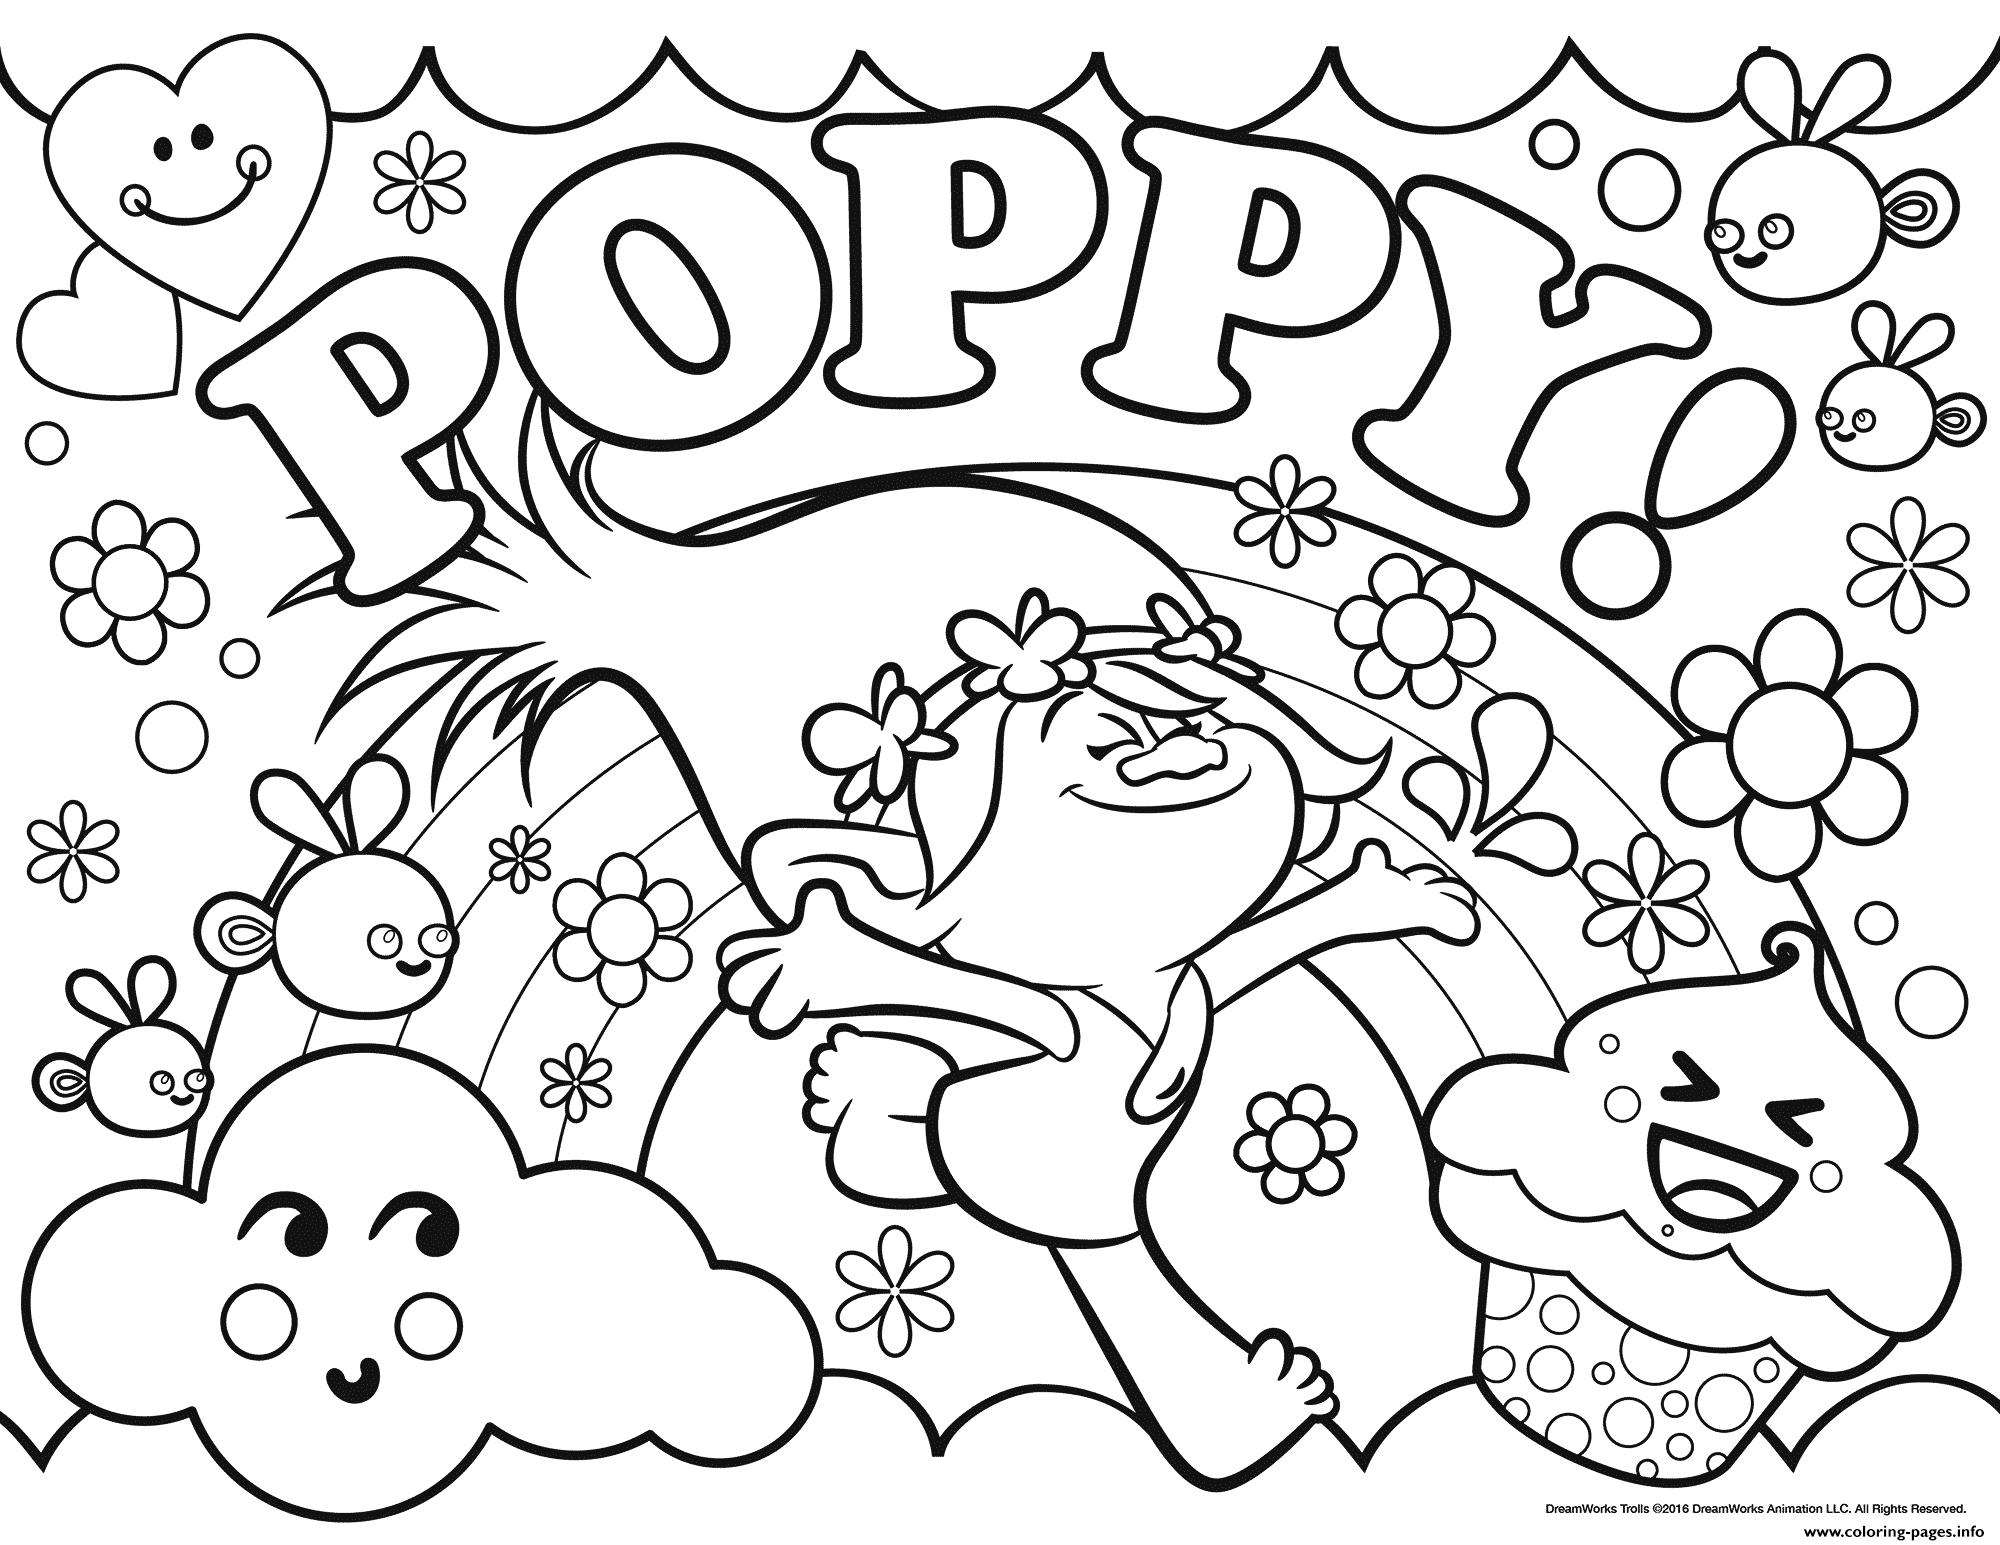 Print Trolls Poppy Coloring Pages | Bizzy Kidz | Poppy